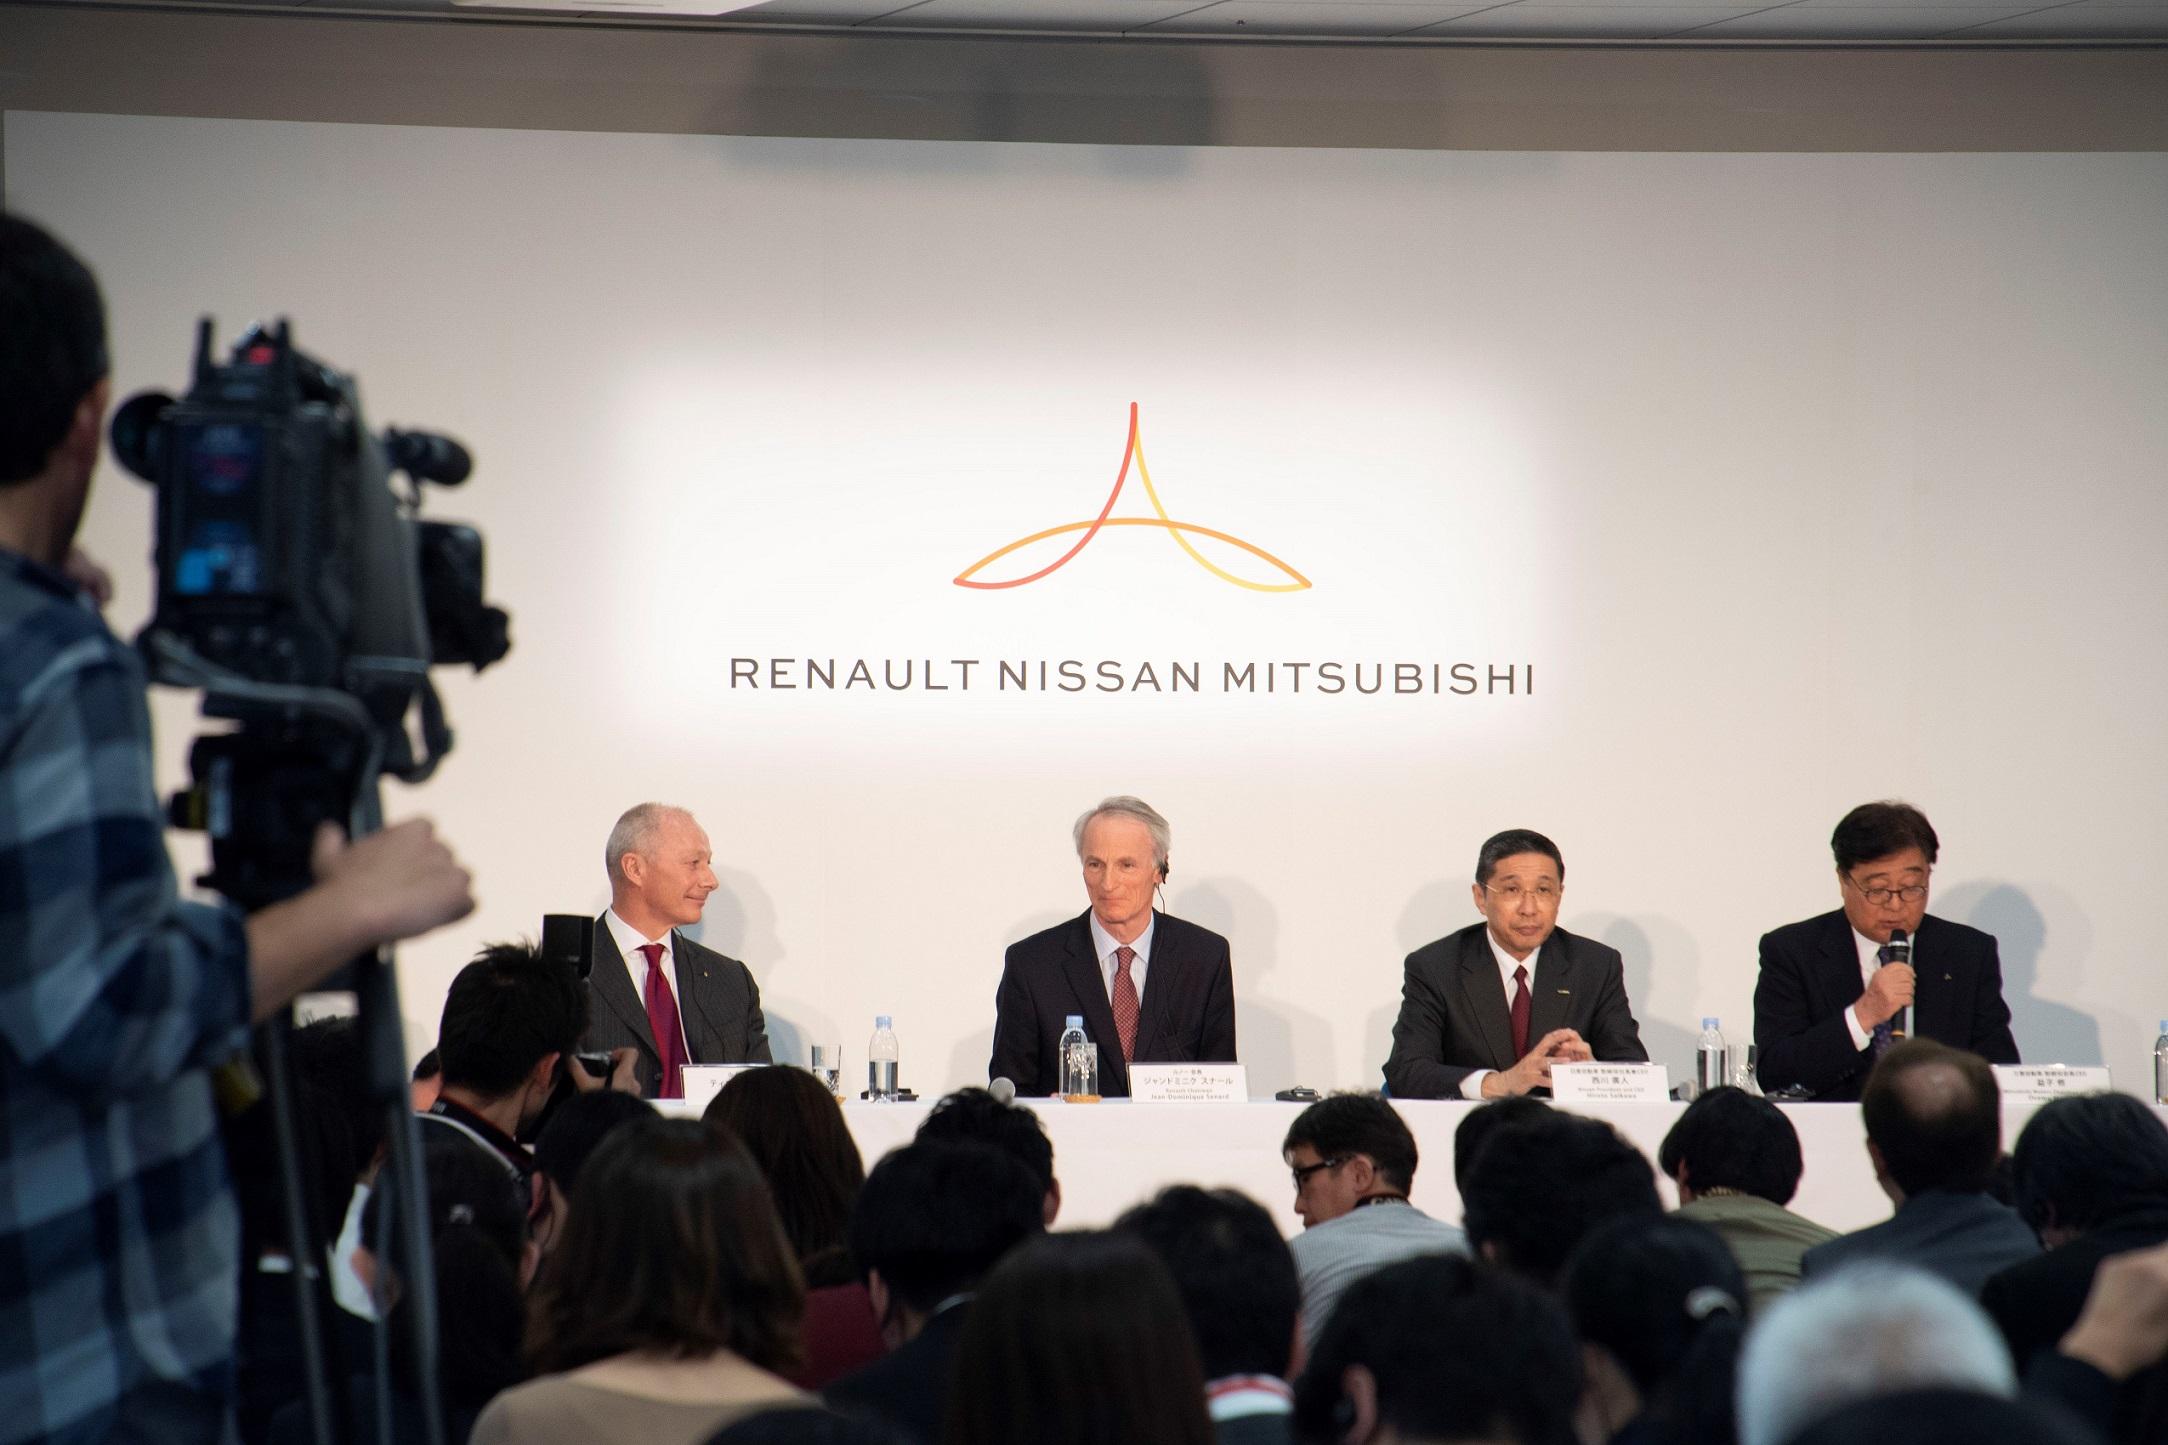 Aliança Renault-Nissan-Mitsubishi com novo Conselho Operacional